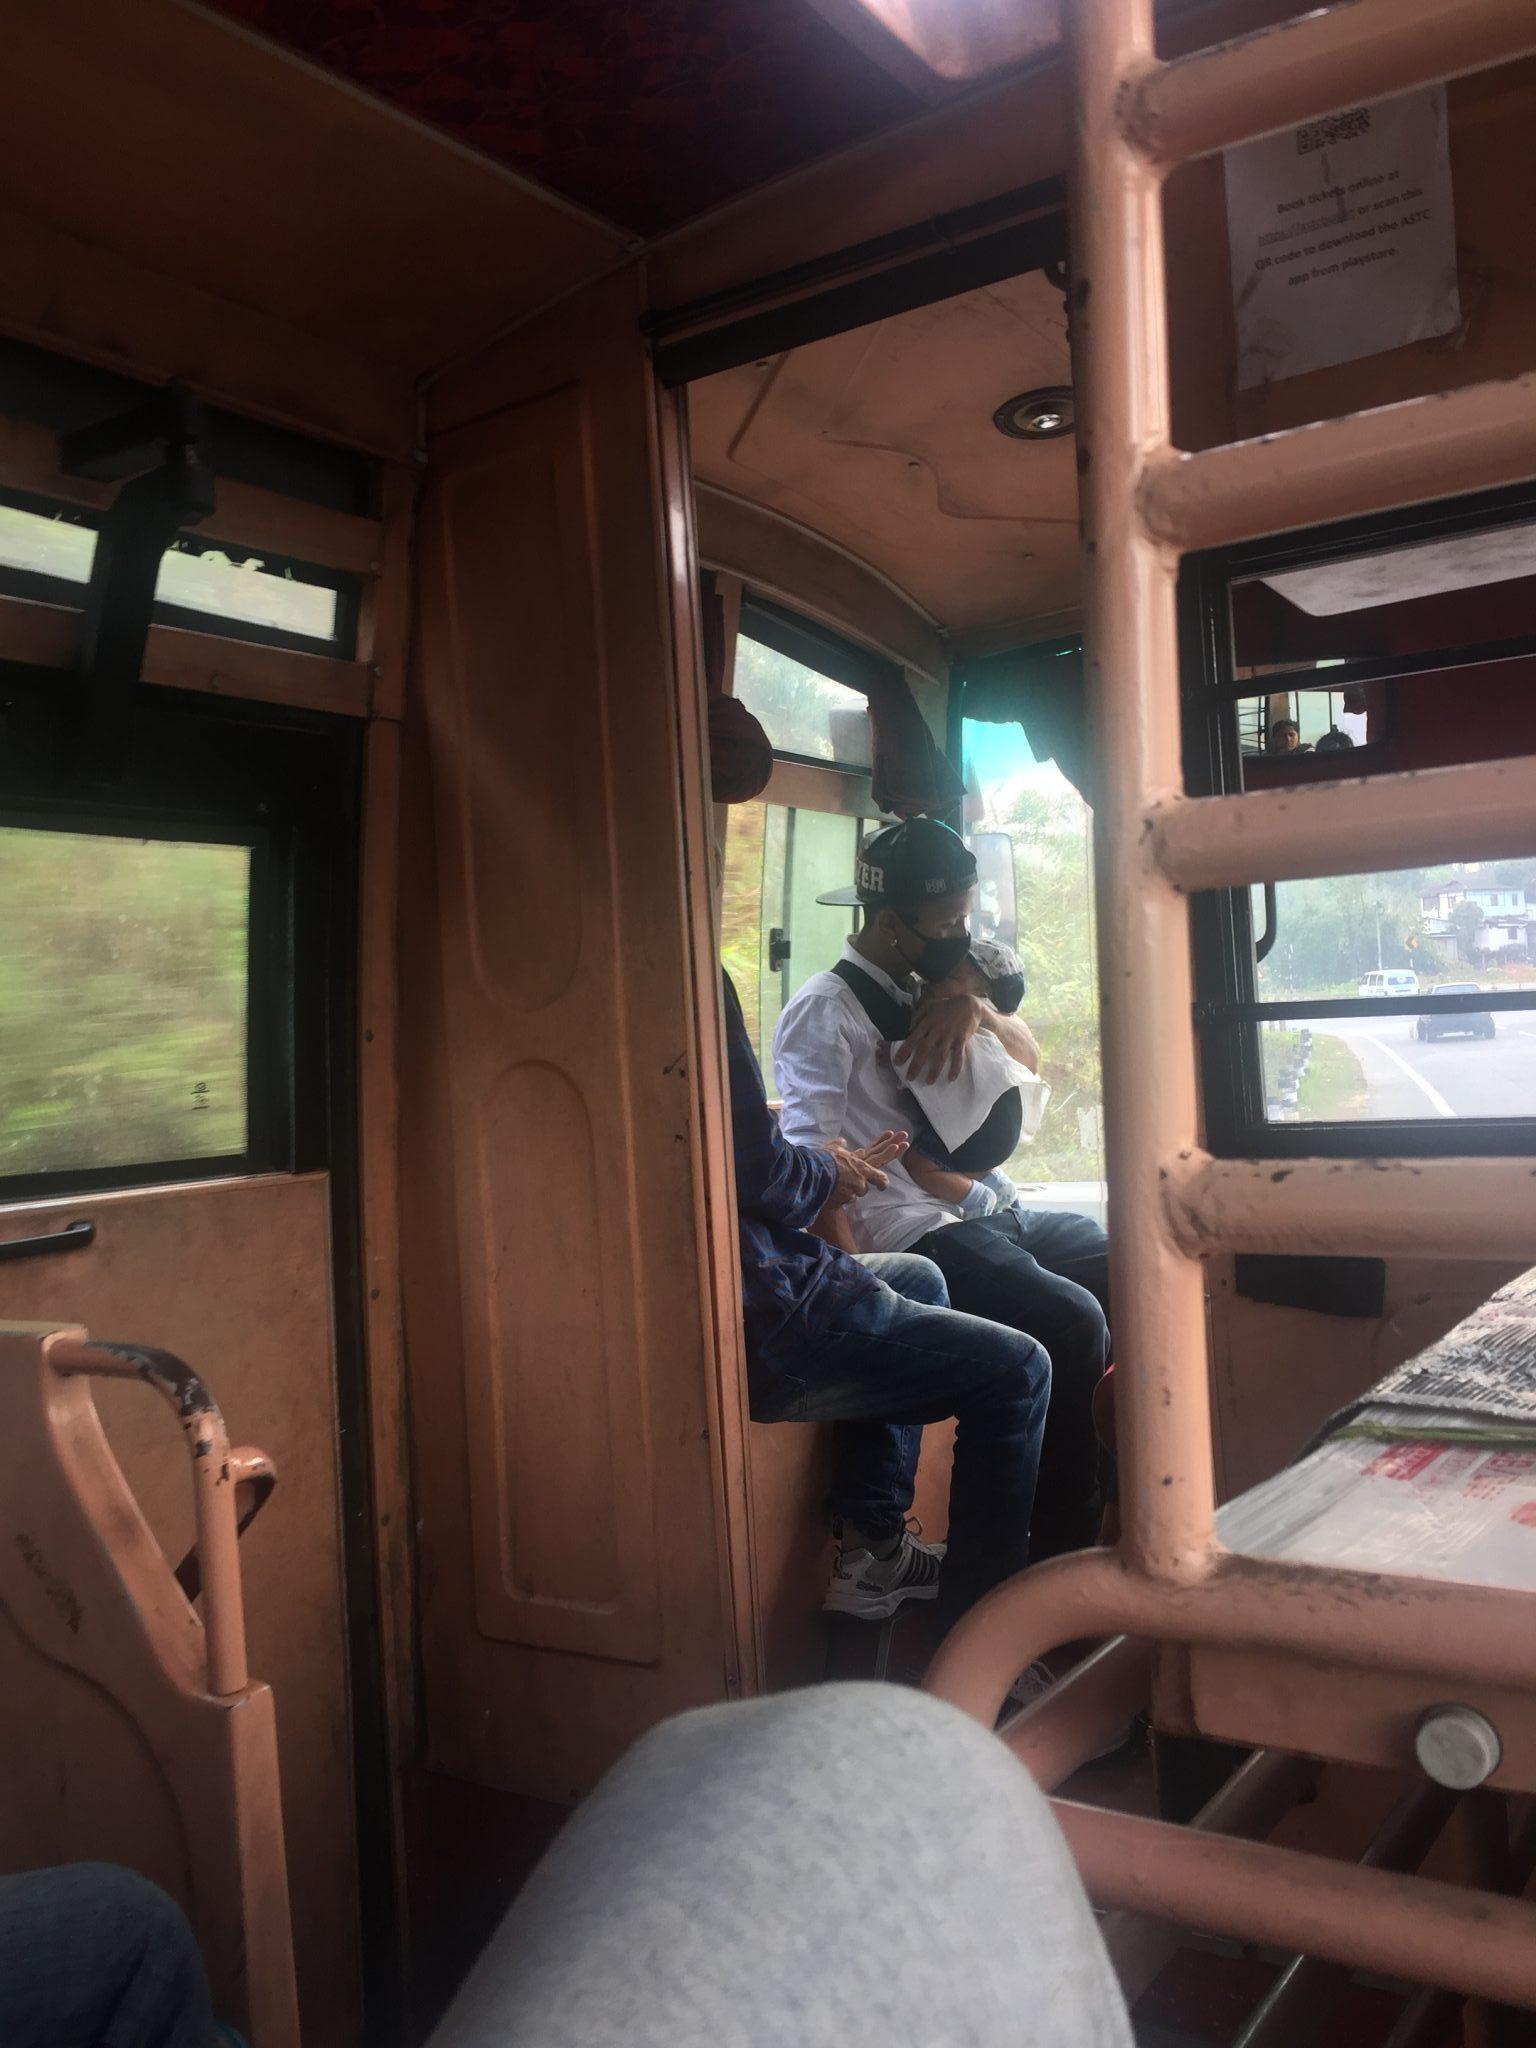 Hombre cuidando de su bebé en el autobús. La mamá está sentada charlando. Es muy normal esta imagen que choca con el resto de India